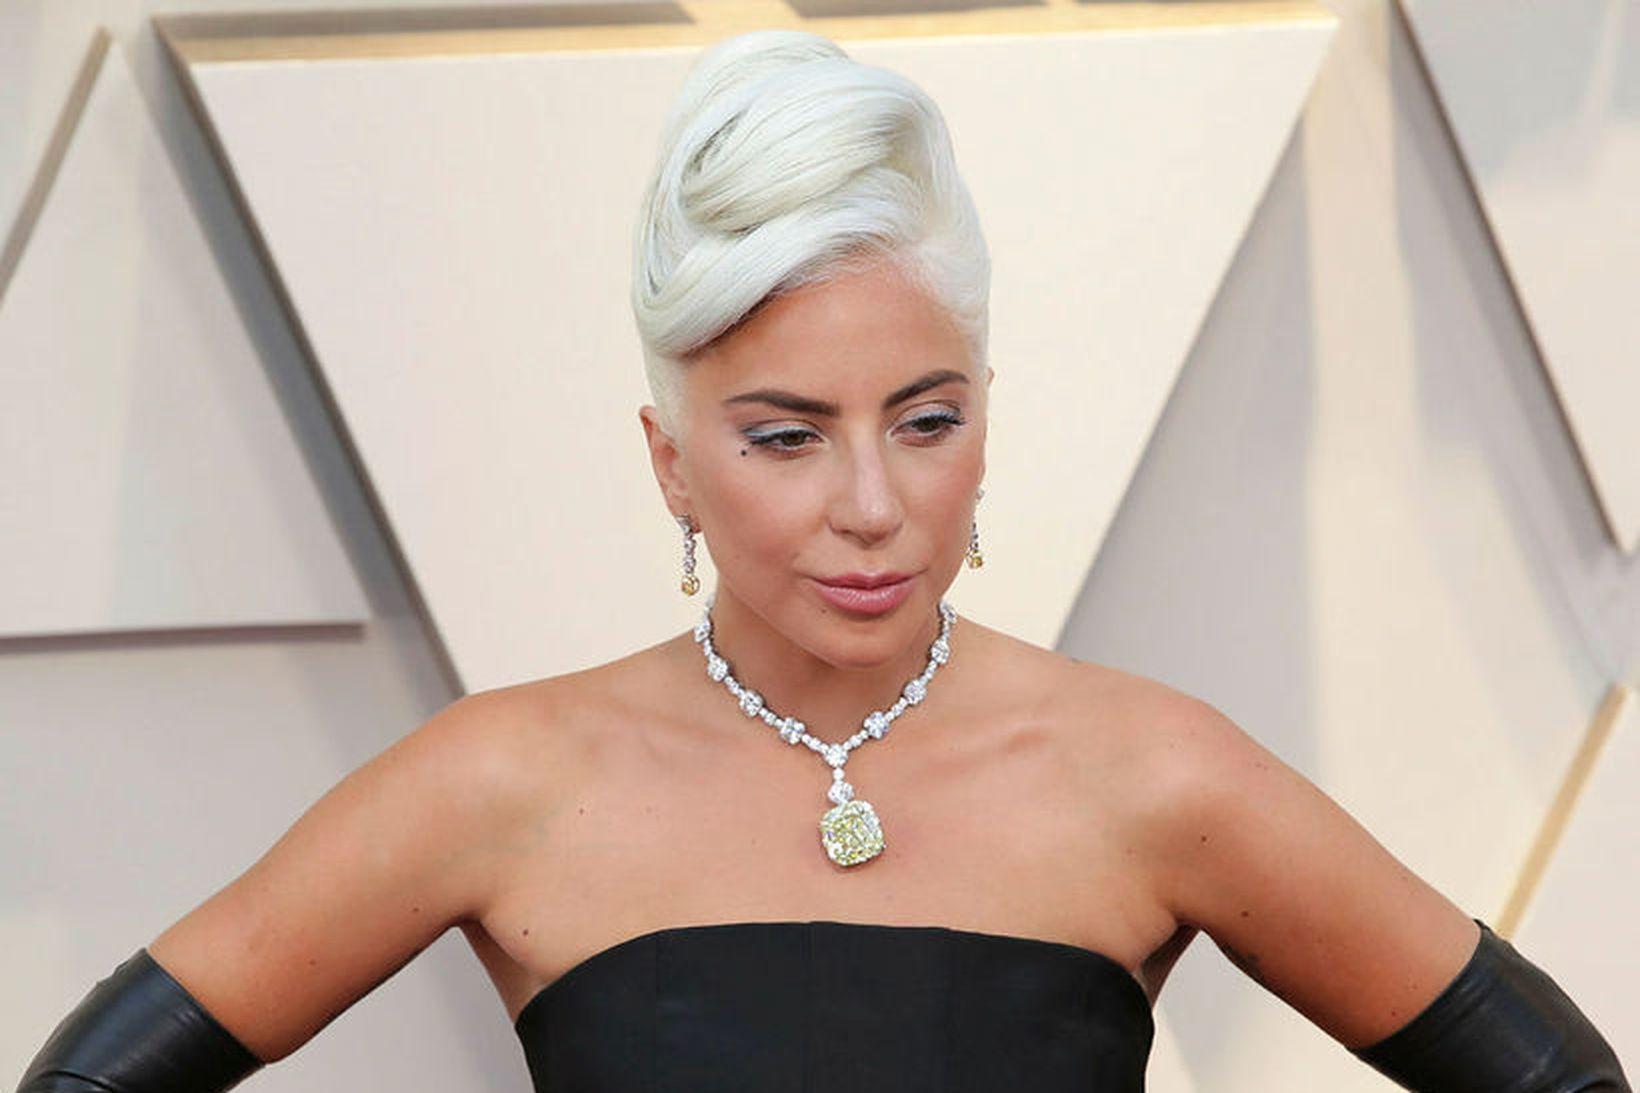 Aðstoðarmaður Lady Gaga var skotinn fjórum sinnum í bringuna og …